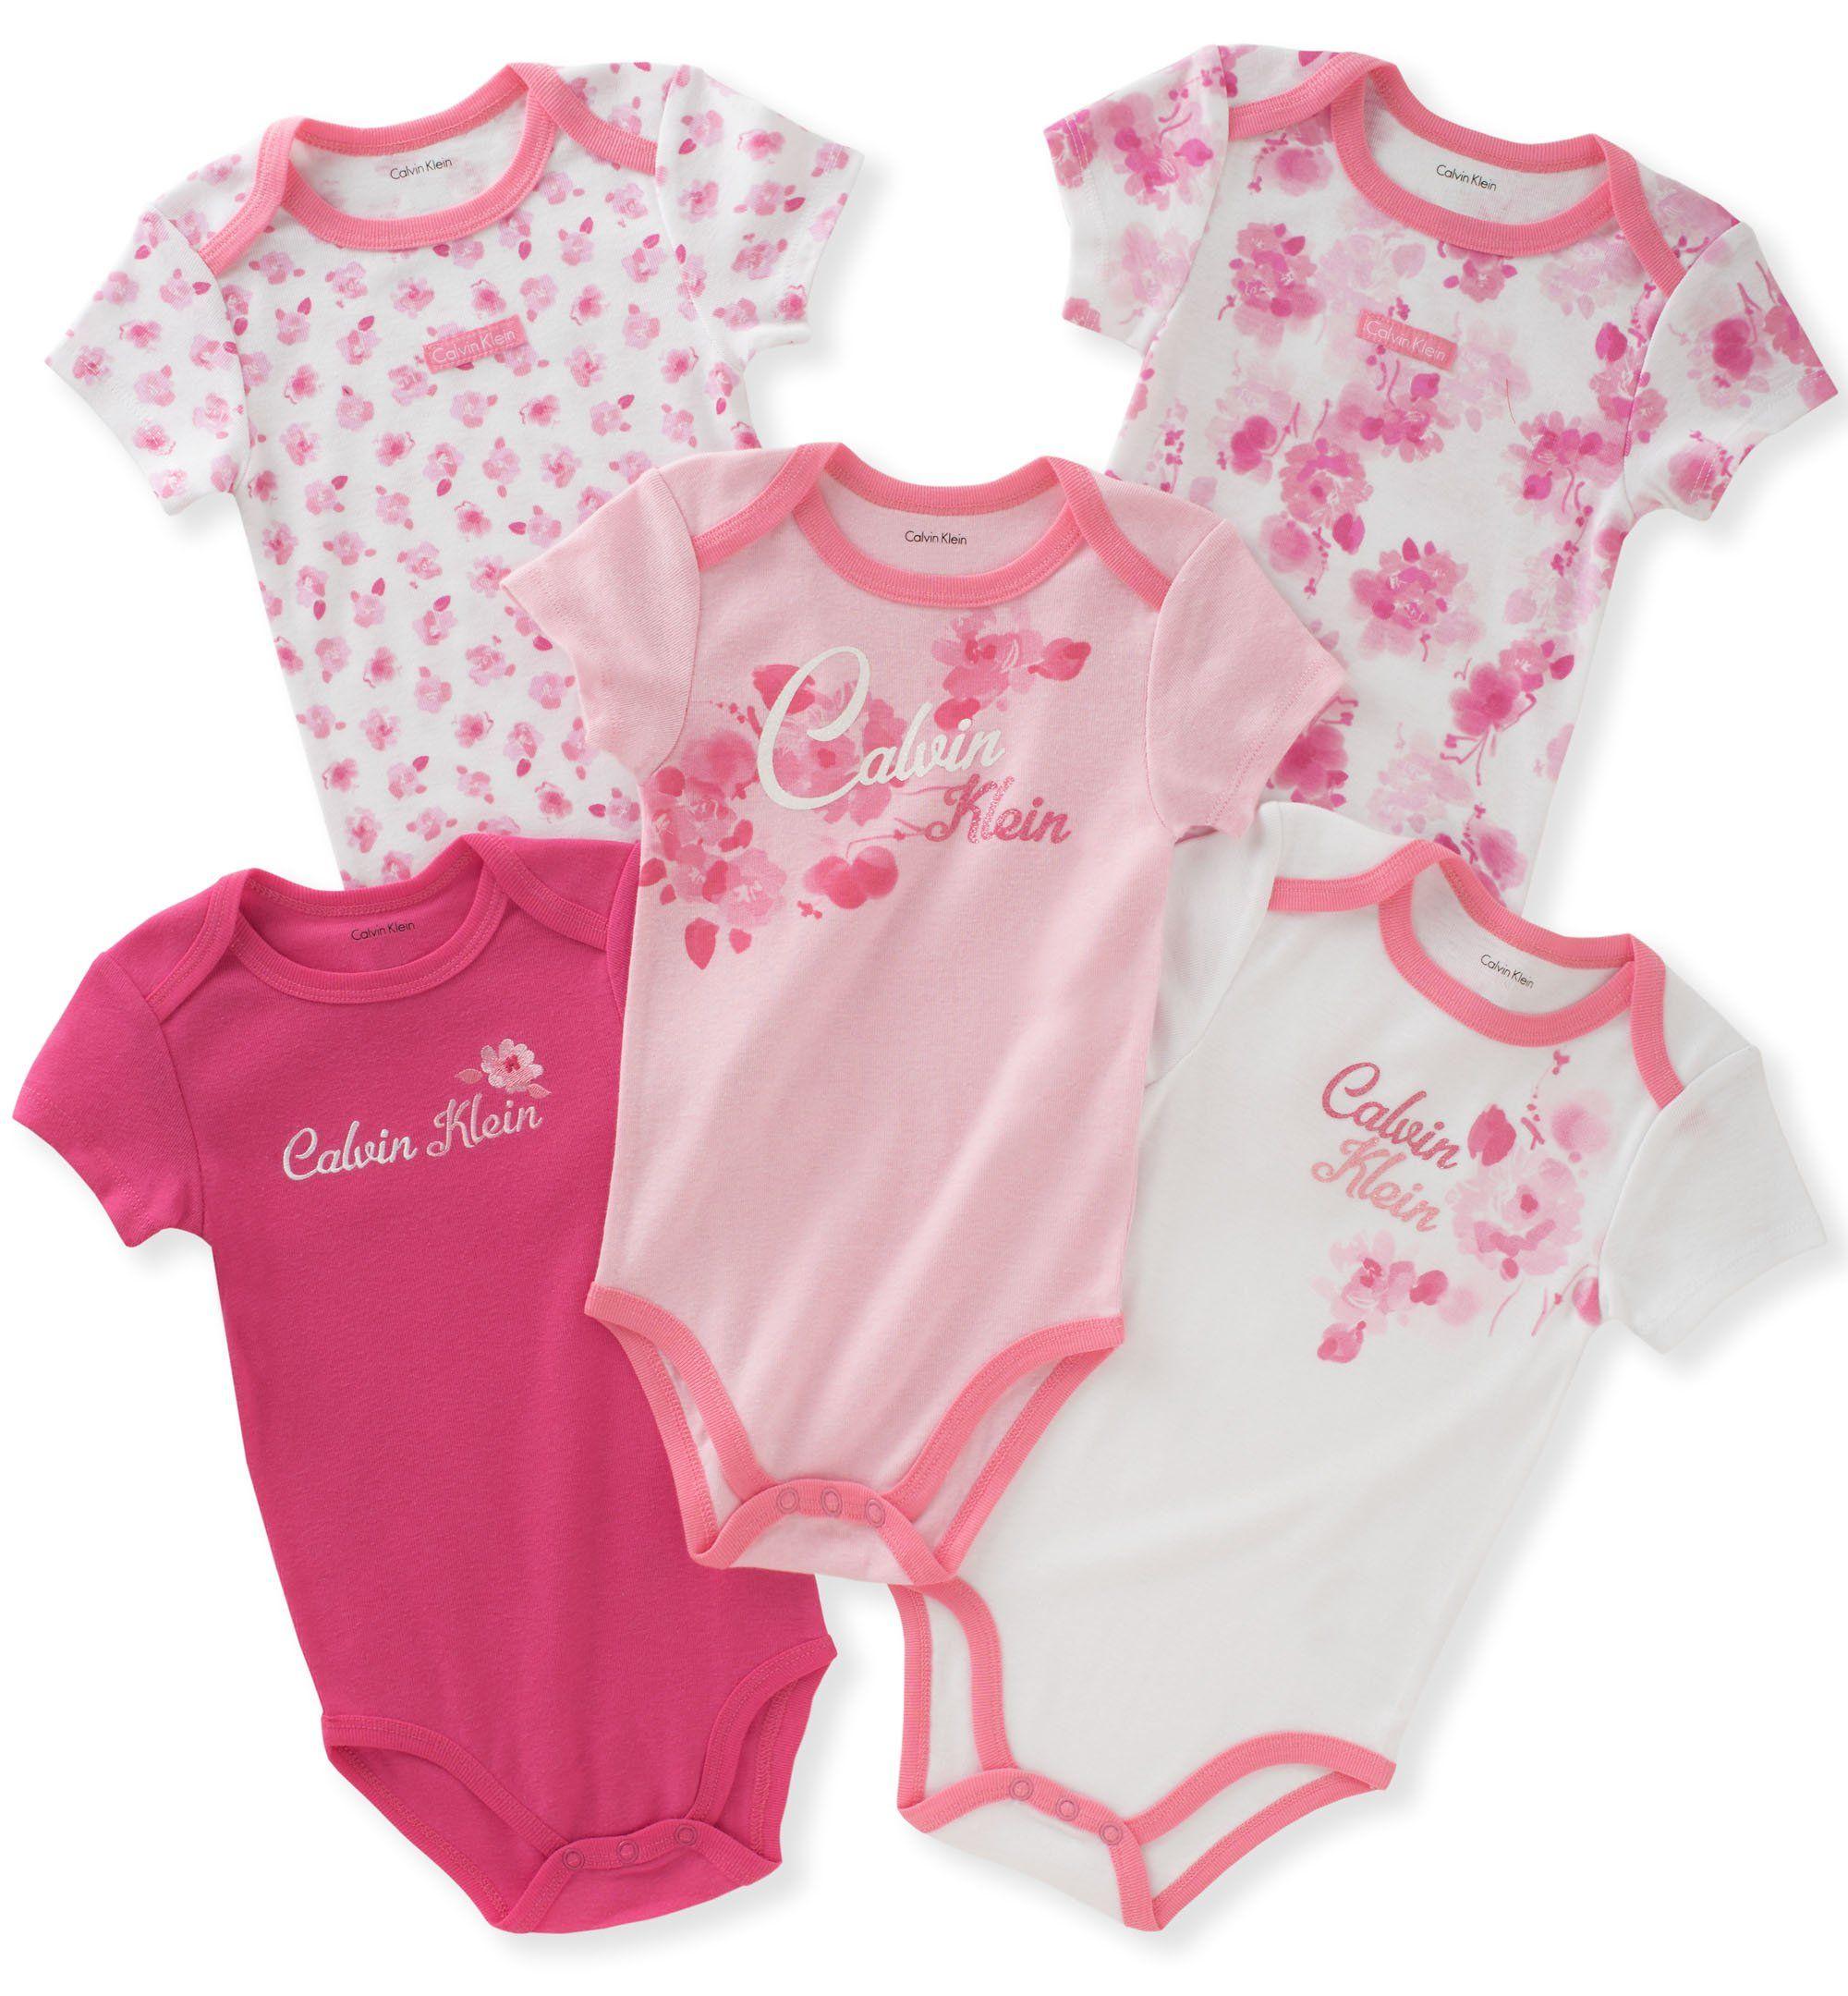 Calvin Klein Baby Girls 5 Pack Bodysuits Pink White 3 6 Months